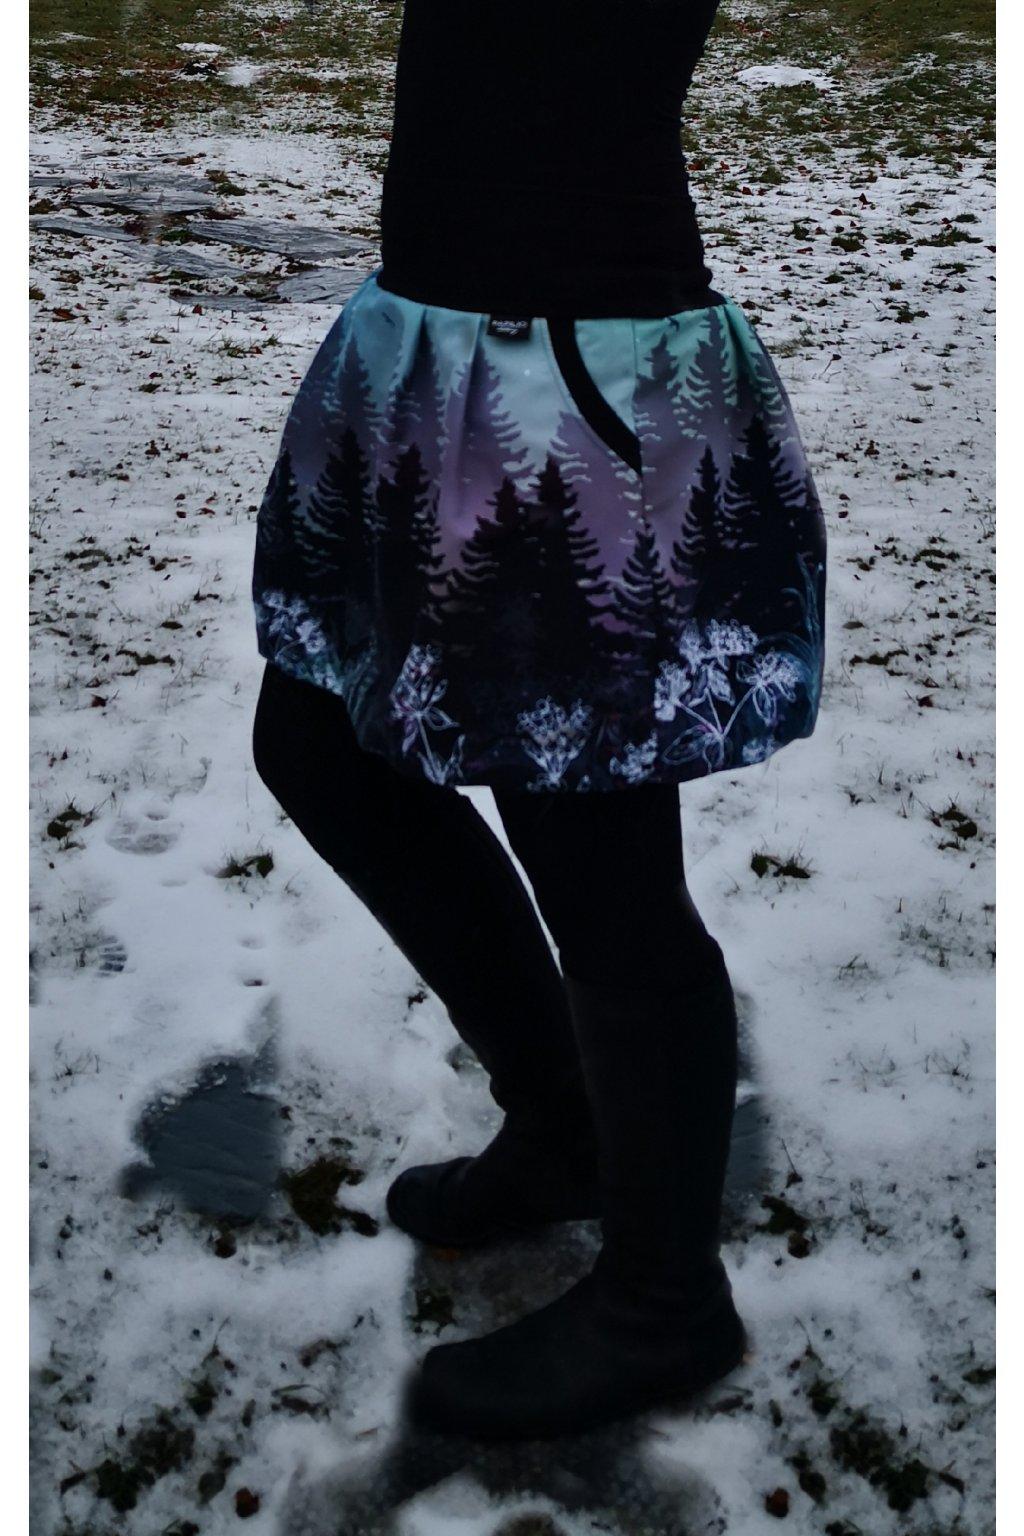 sukne balonova temny soumrak II papilio clothing